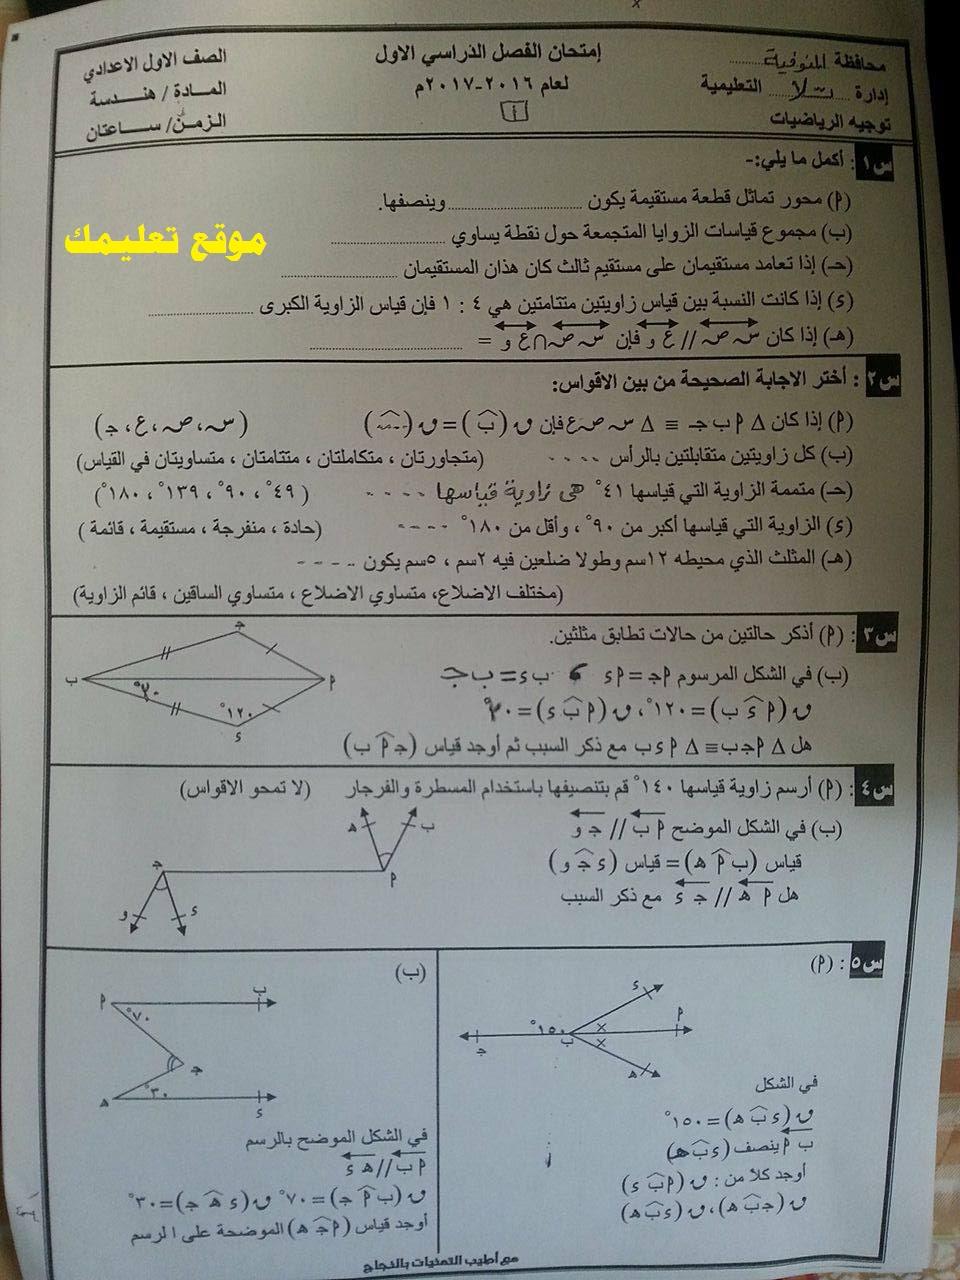 ورقة امتحان الهندسة الرسمية الصف الاول الاعدادى ترم اول 2018 ادارة تلا